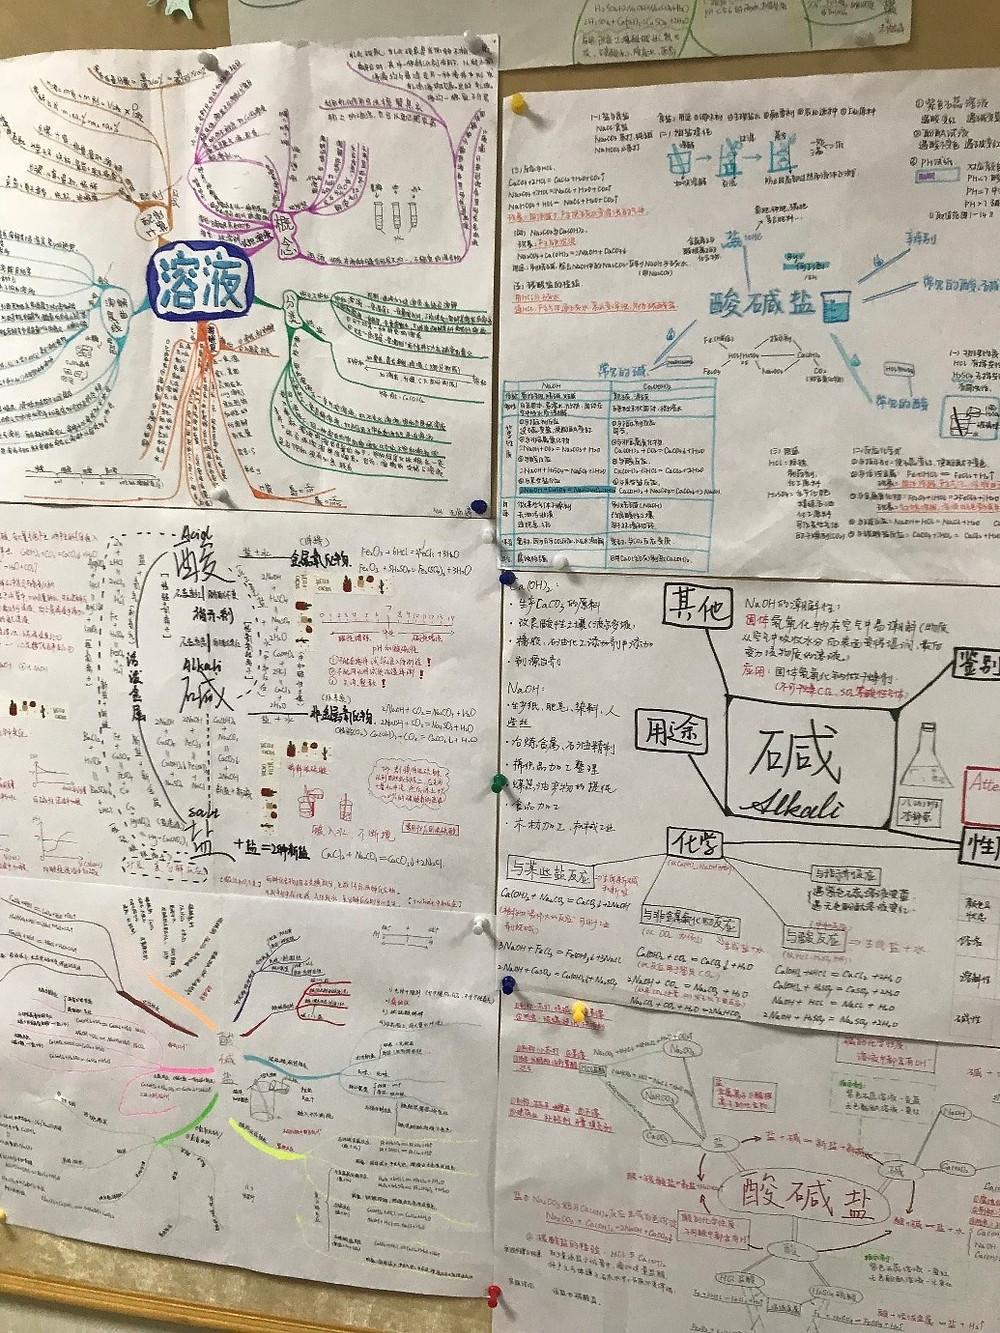 science school, Beijing Academy, All Saints' College